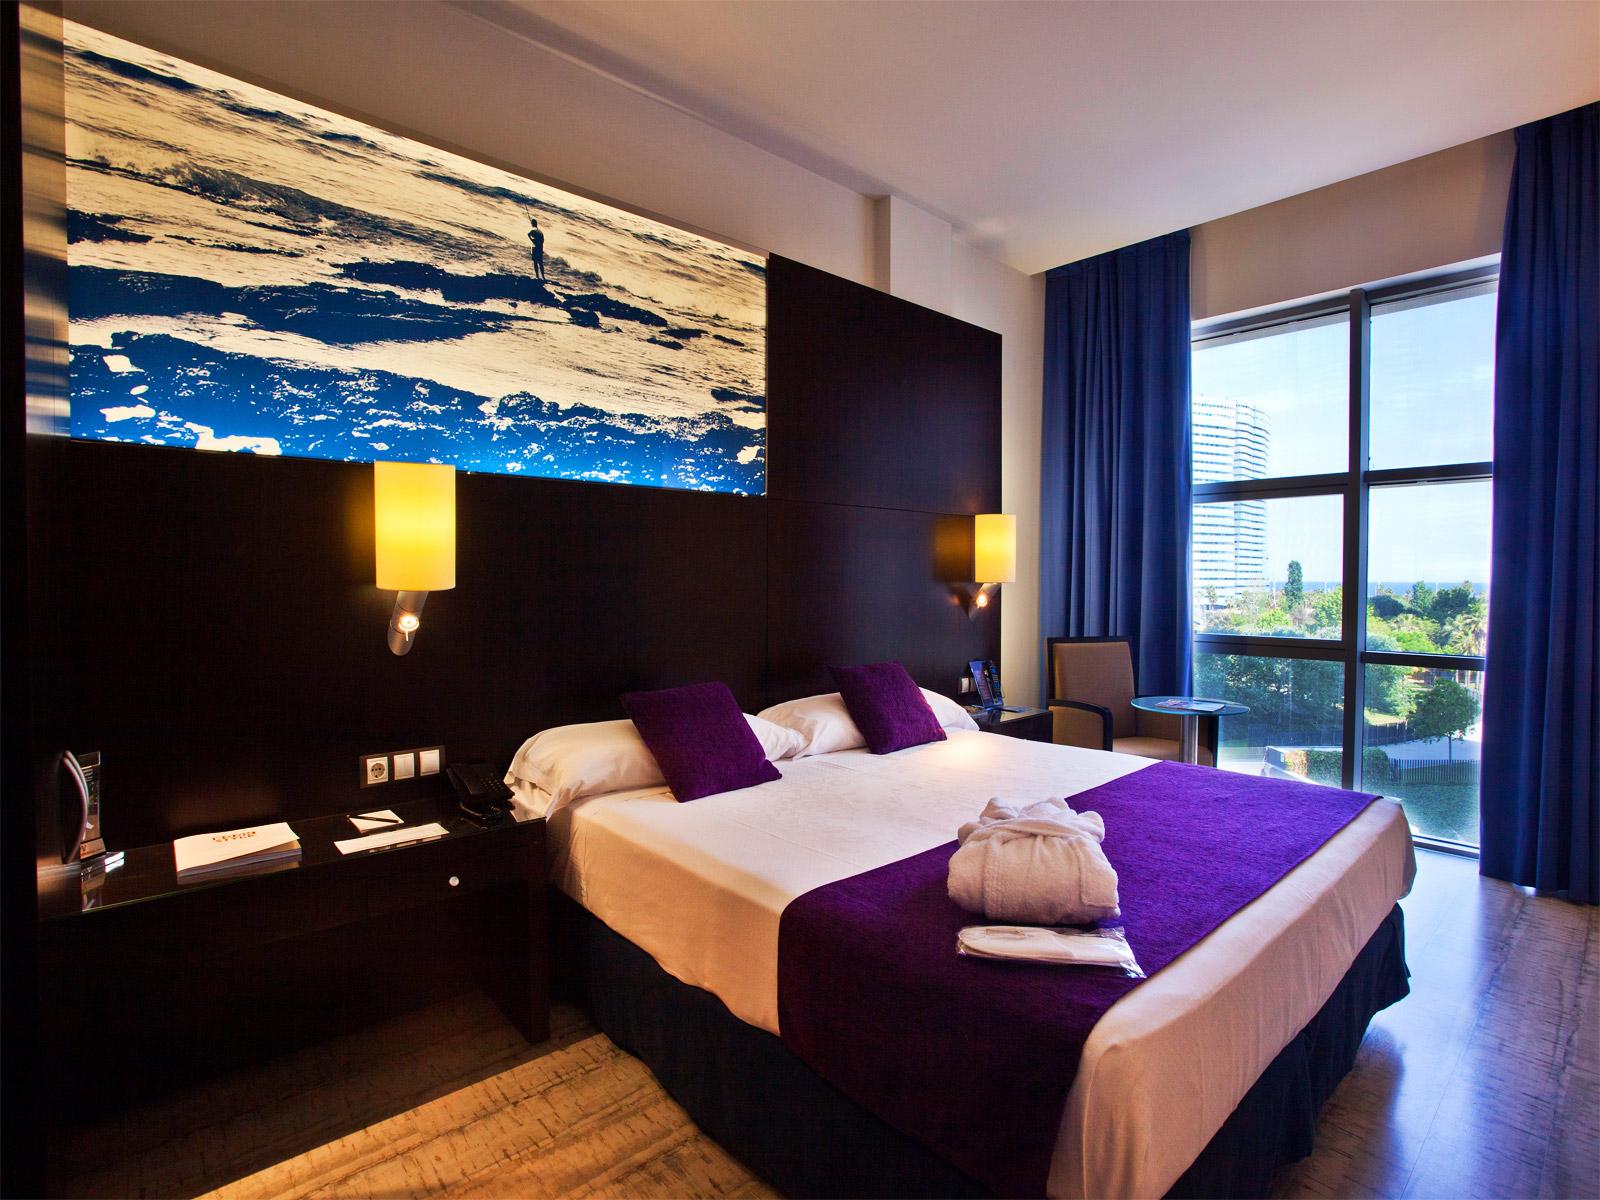 Habitaciones hotel barcelona mar timo vincci hoteles for Hoteles barcelona habitaciones cuadruples